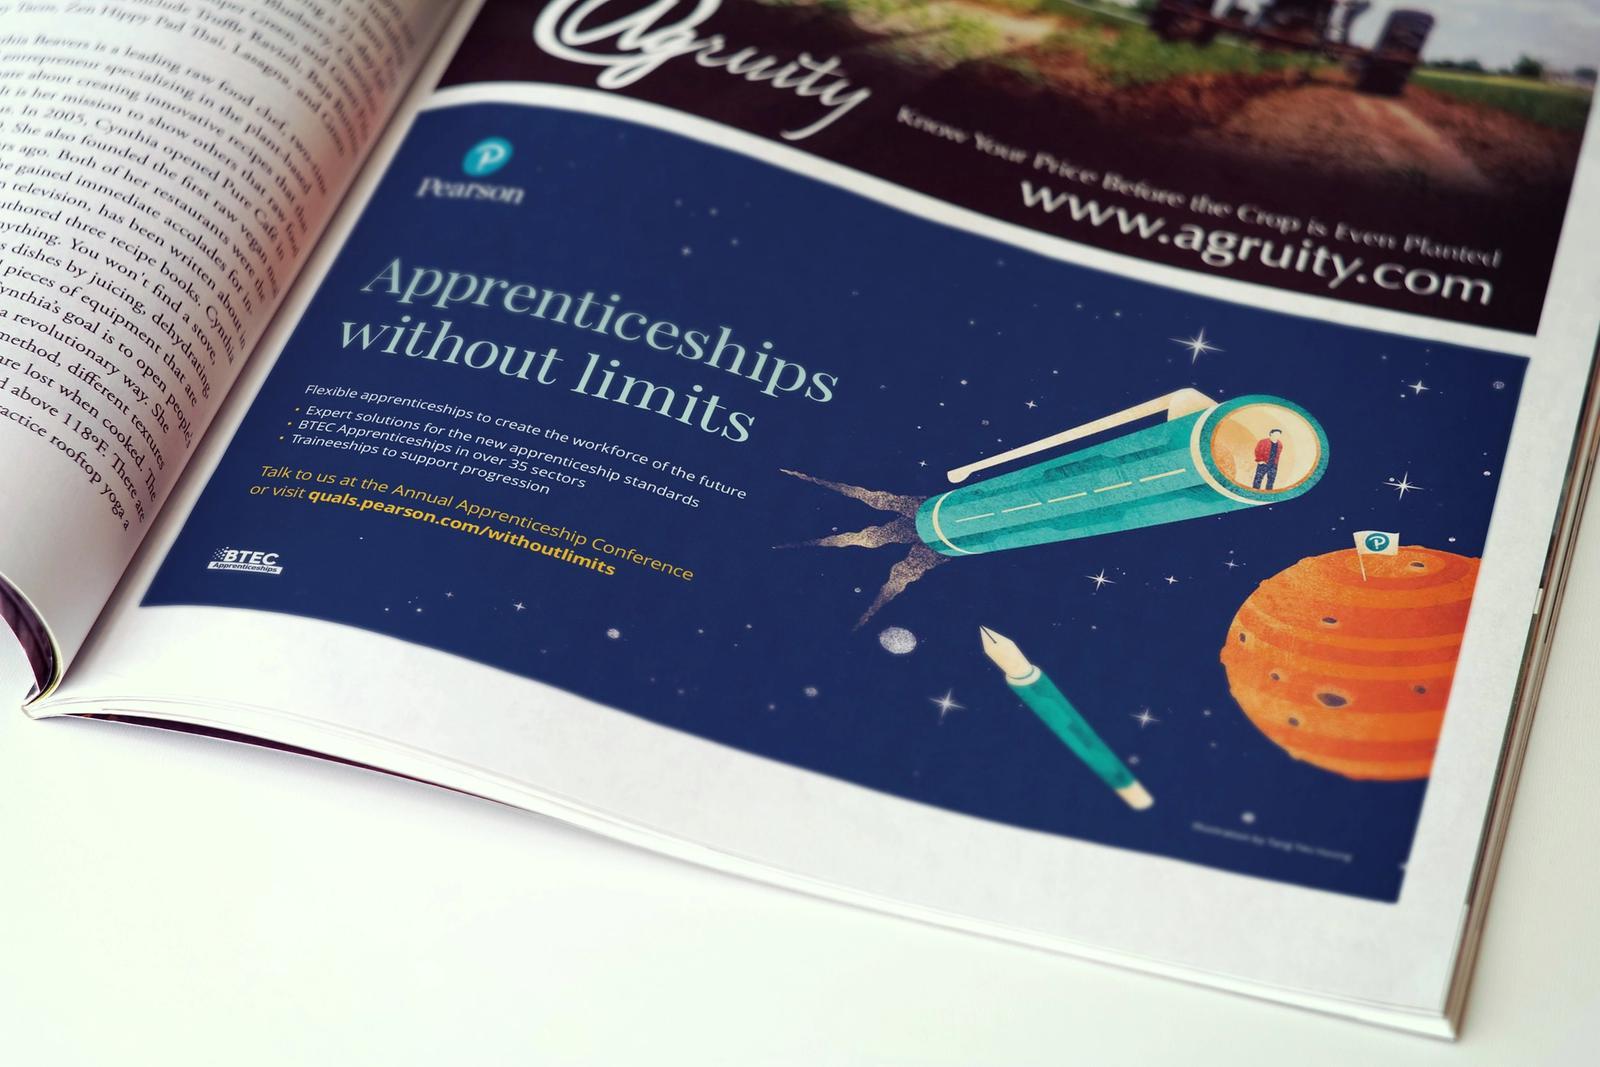 Pearson Magazine